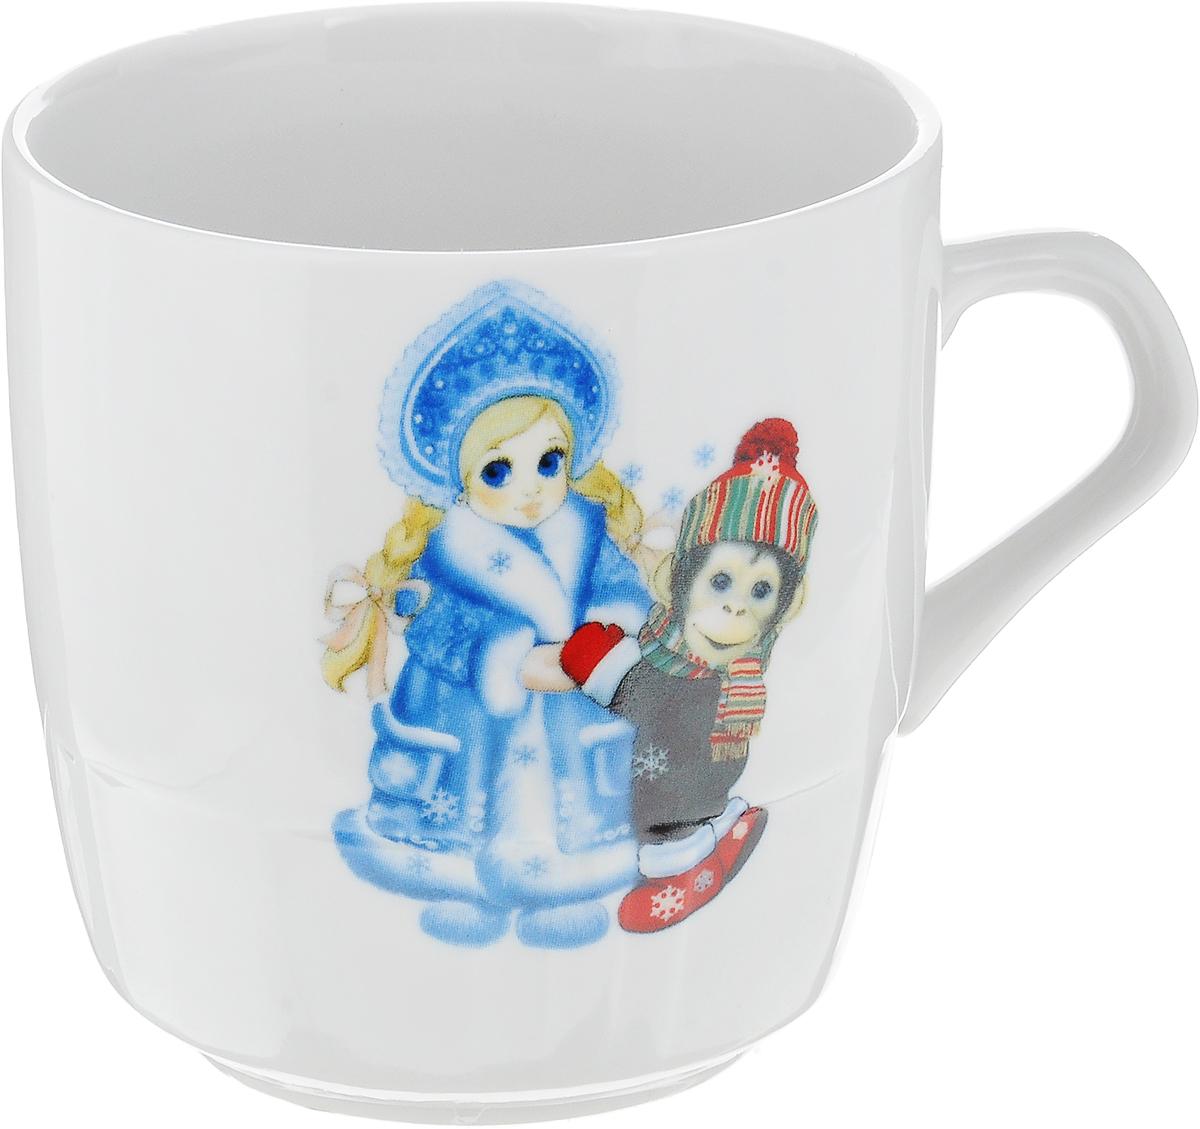 Кружка Фарфор Вербилок Новогодние обезьянки, 250 мл115510Кружка Фарфор Вербилок Новогодние обезьянки выполнена из высококачественного фарфора с глазурованным покрытием и оформлена оригинальным принтом. Посуда из фарфора позволяет сохранить истинный вкус напитка, а также помогает ему дольше оставаться теплым. Изделие оснащено удобной ручкой. Такая кружка прекрасно оформит стол к чаепитию и станет его неизменным атрибутом. Можно мыть в посудомоечной машине и использовать в СВЧ.Диаметр кружки (по верхнему краю): 8,3 см.Высота чашки: 8,5 см.